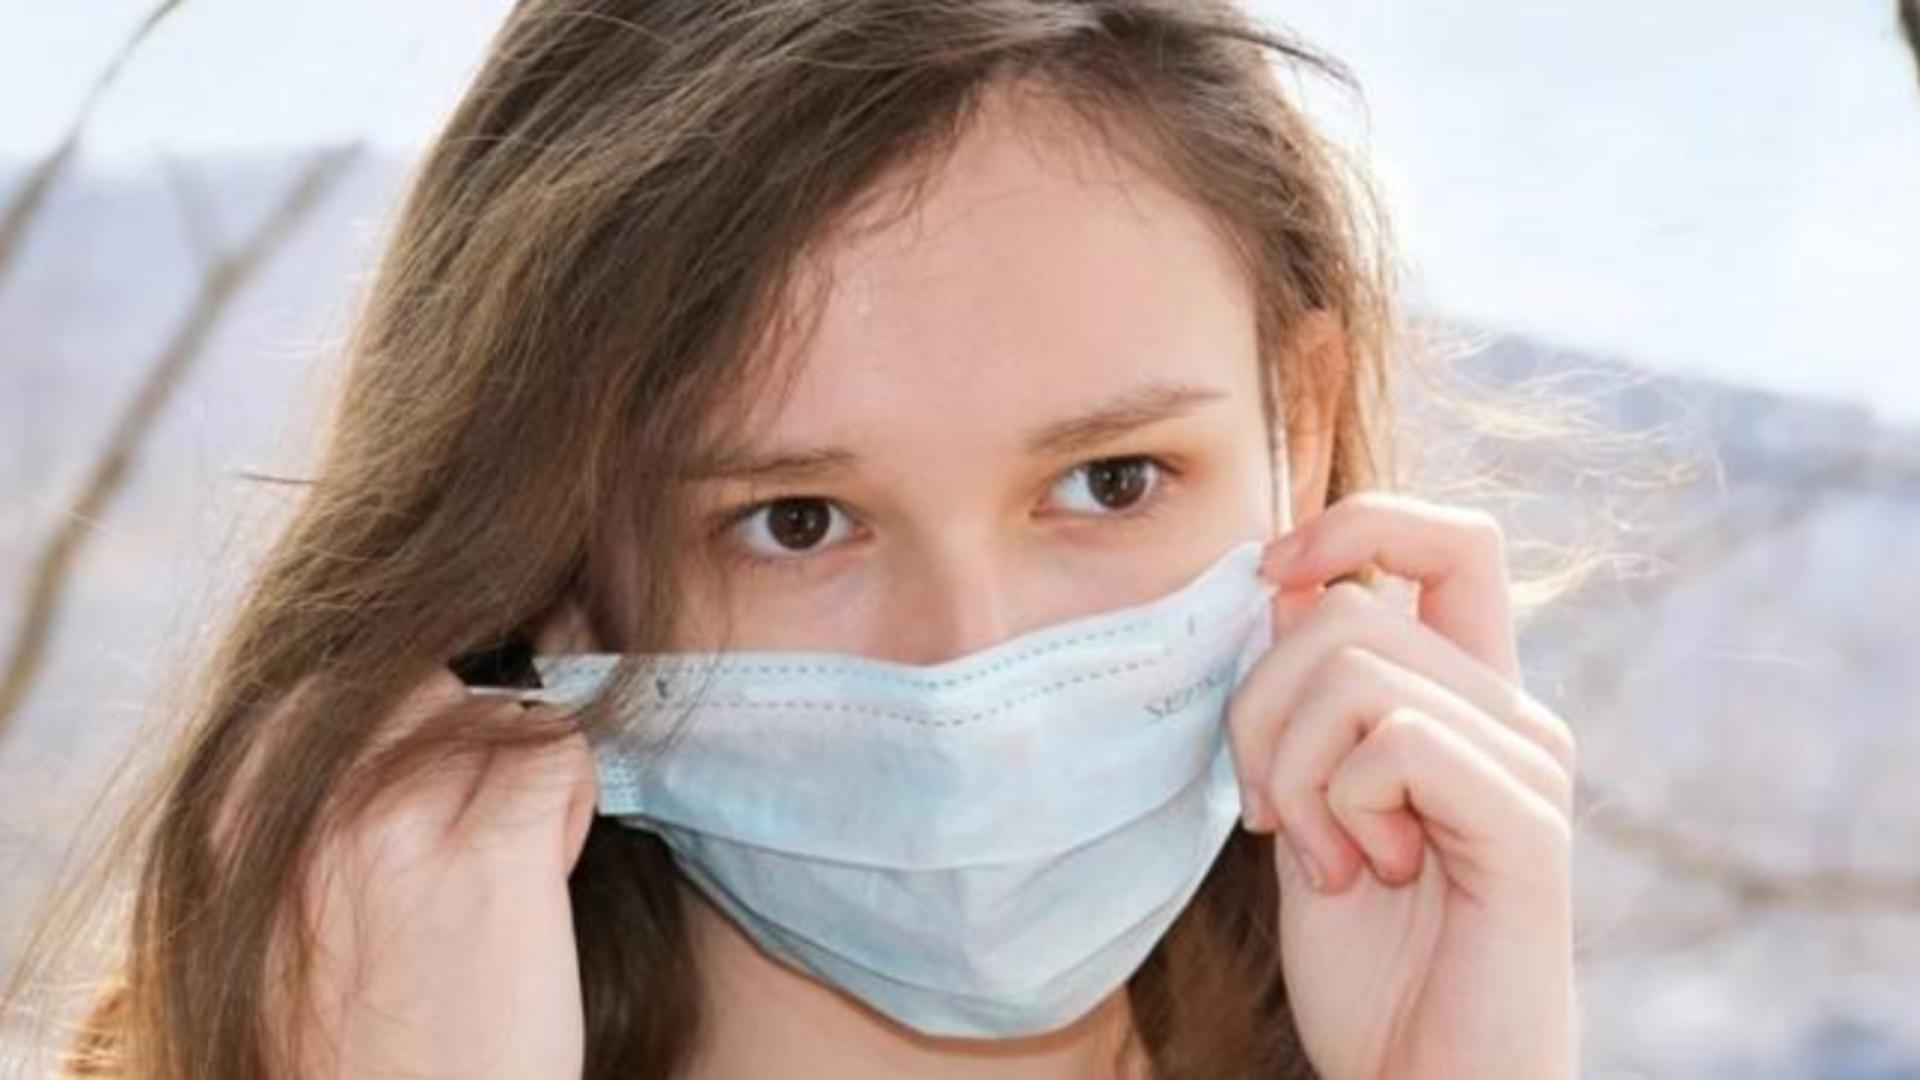 Masca de protecție, obligatorie la cursuri, în școală